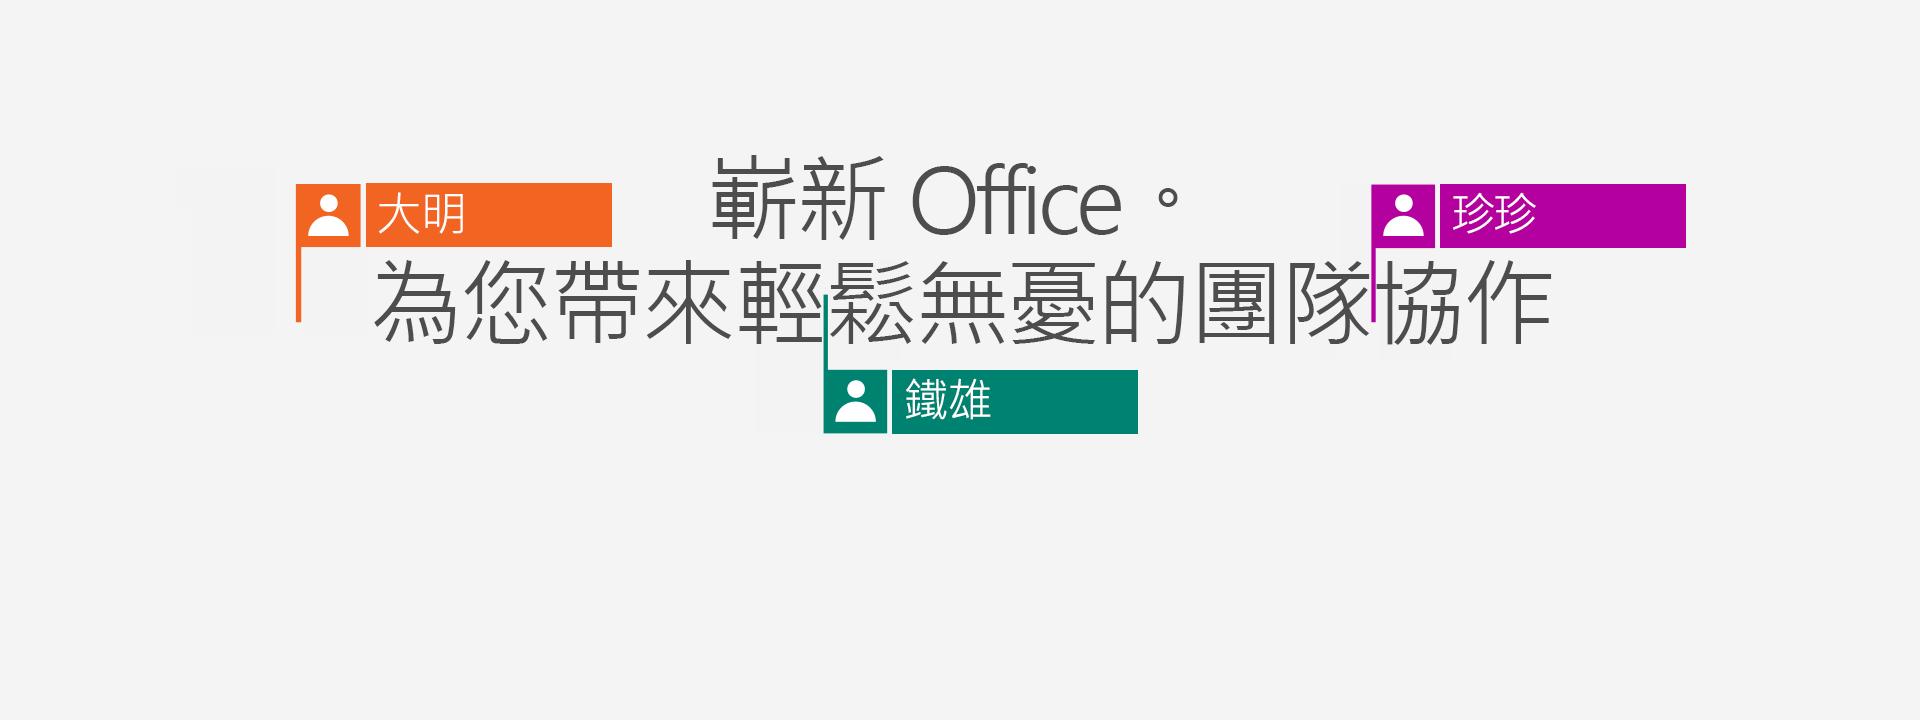 購買 Office 365 可獲得全新的 2016 應用程式。